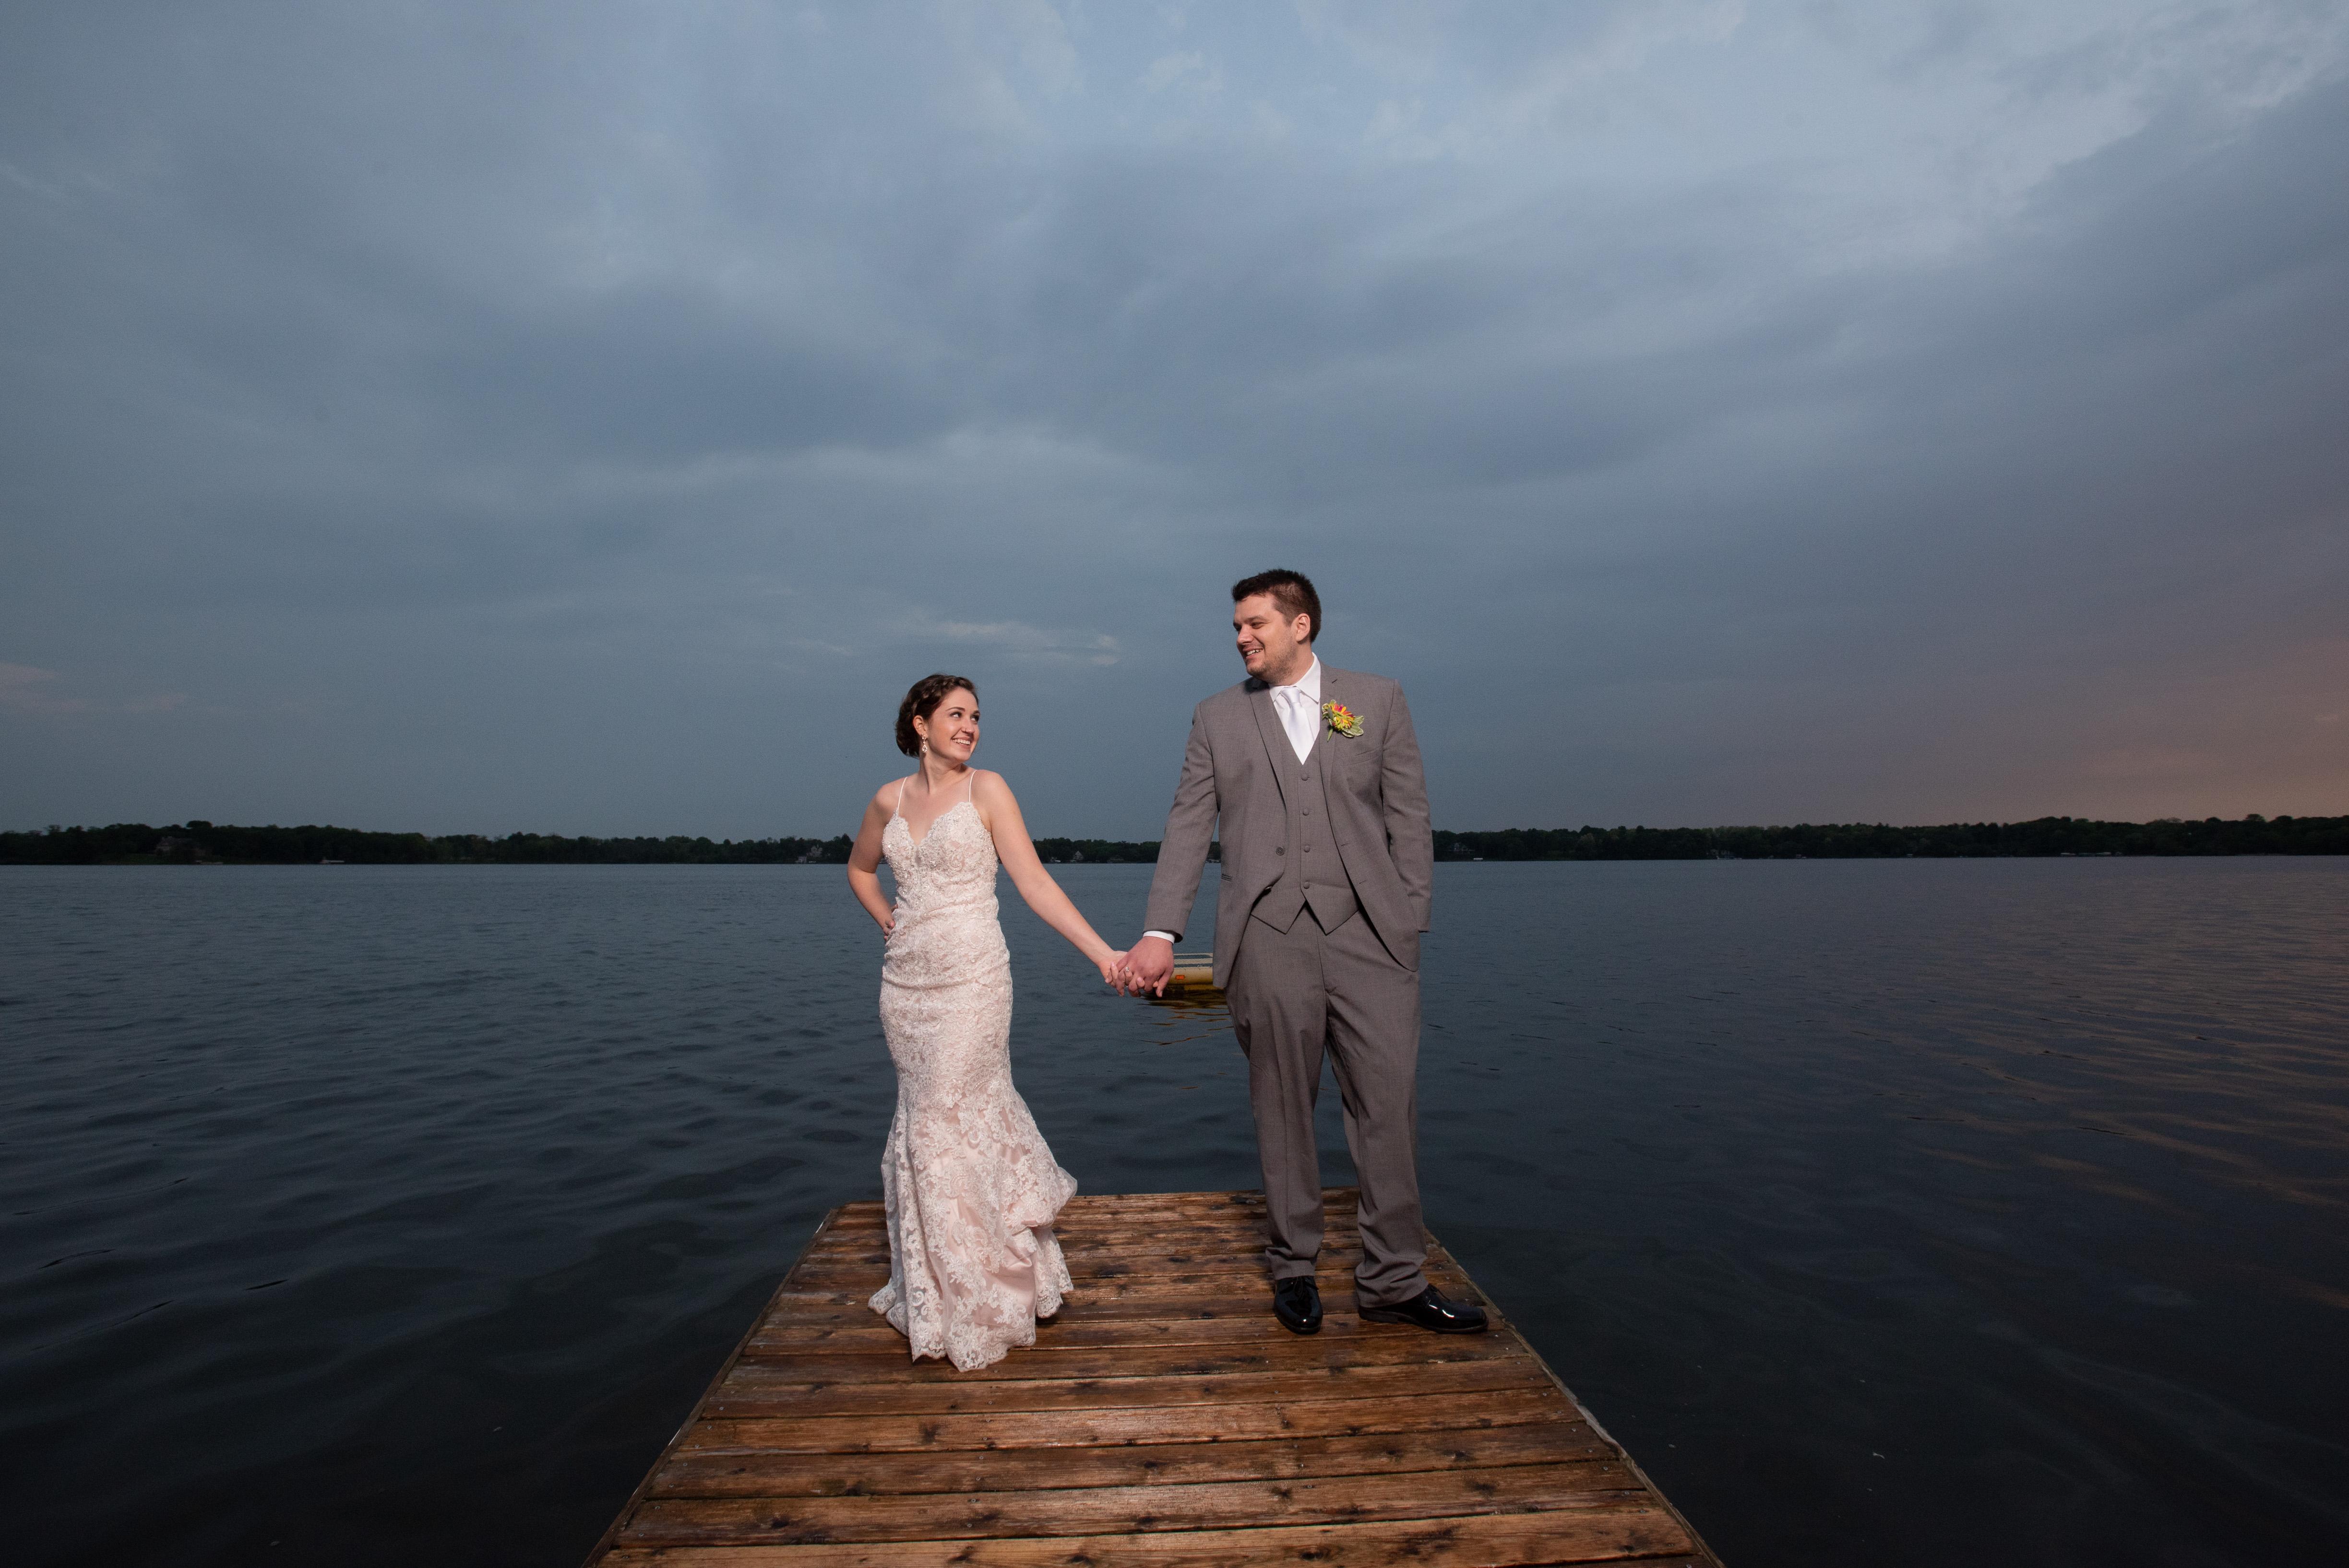 Milwaukee Wedding Photography-Jadon Good Photography_142